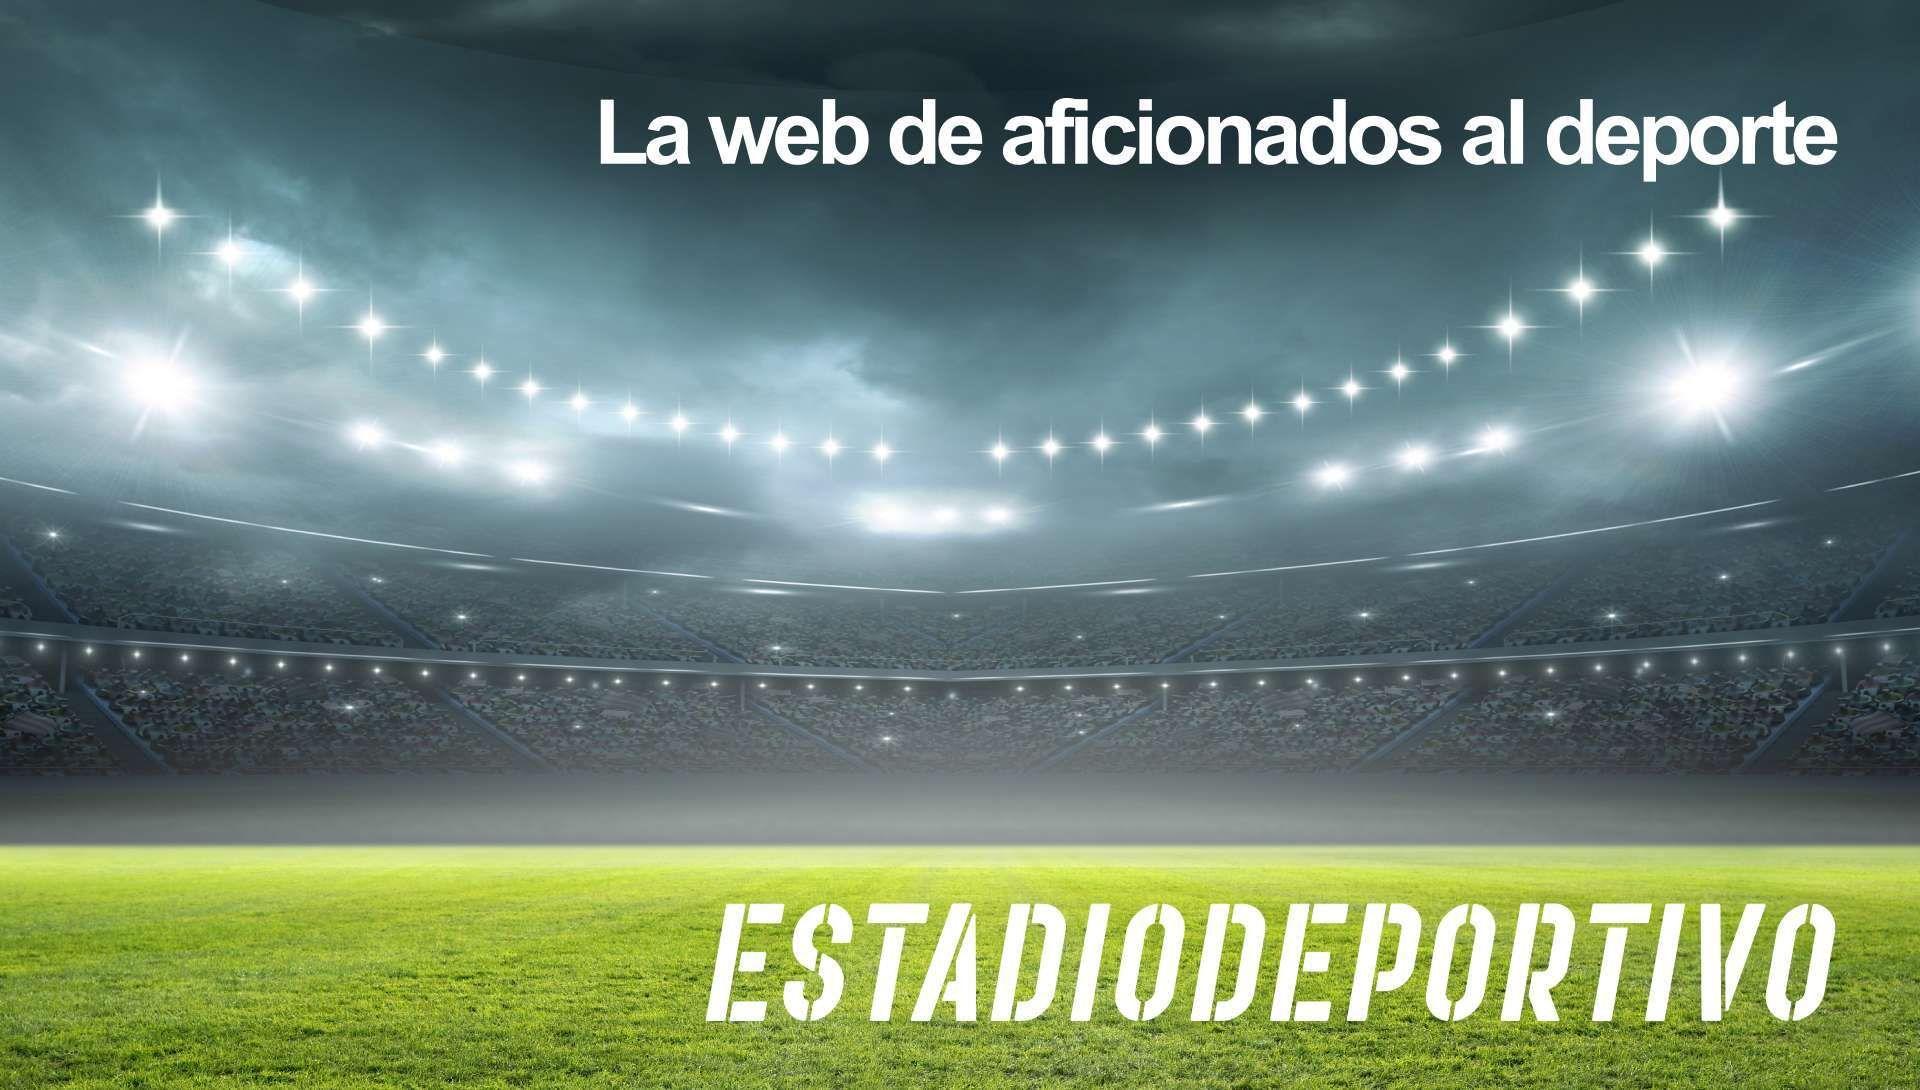 Las portadas del jueves 22 de octubre